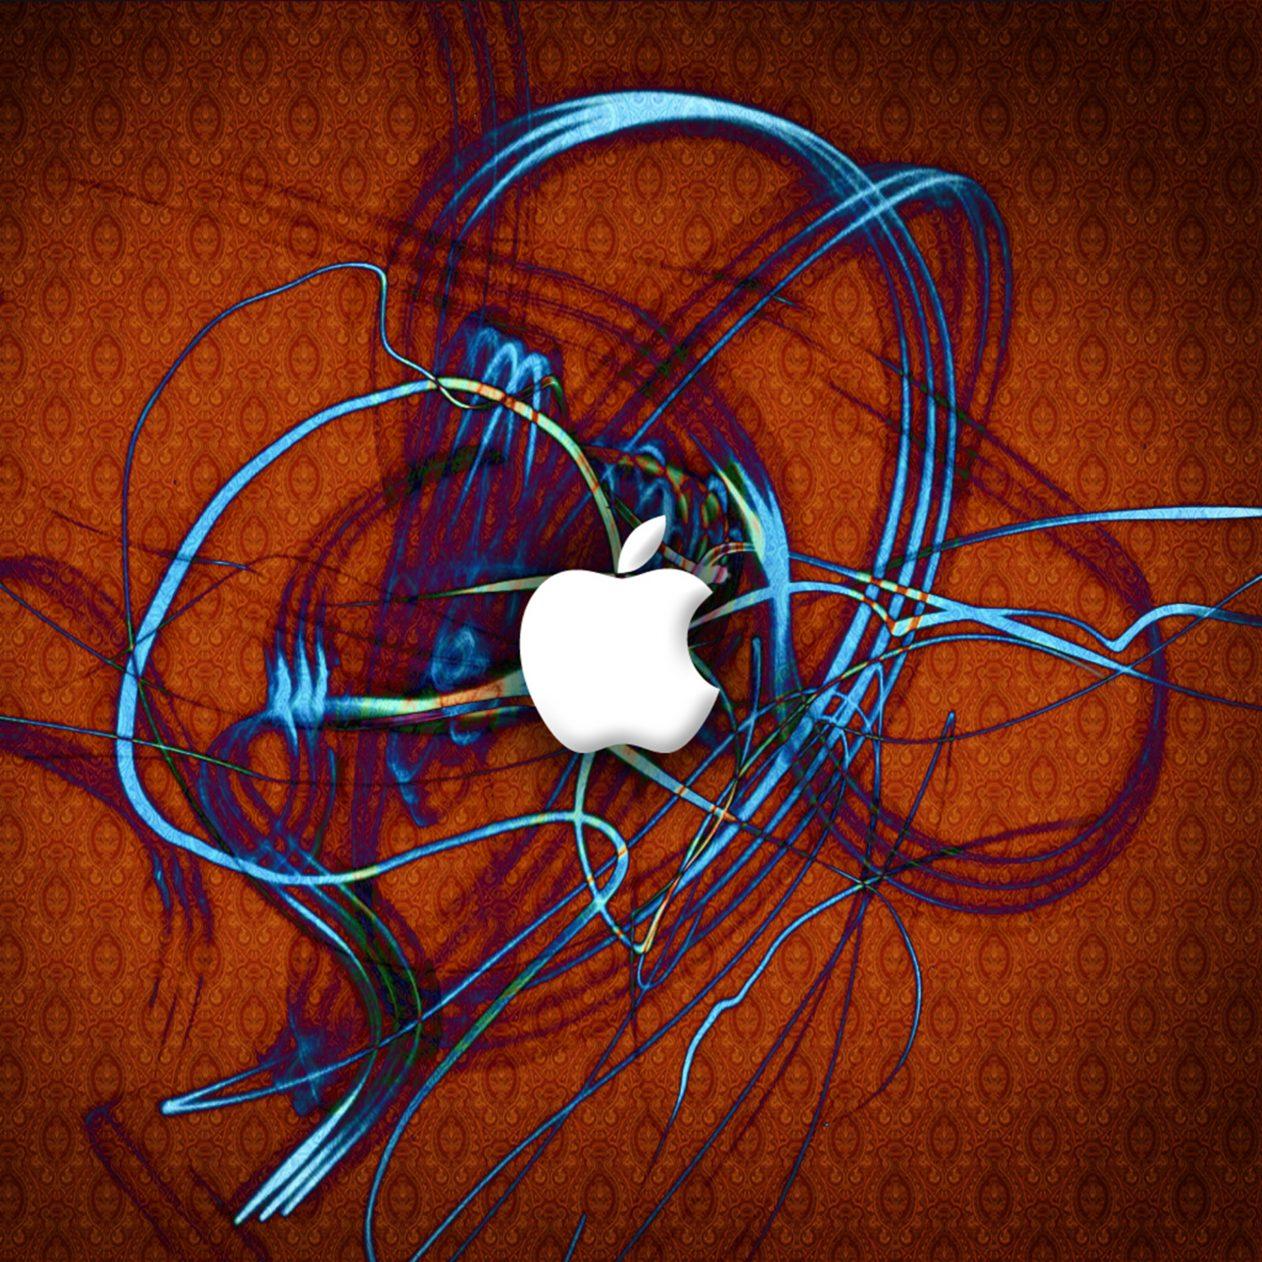 1262x1262 Parallax wallpaper 4k Apple Blue Ribbon Ipad Wallpaper 1262x1262 pixels resolution